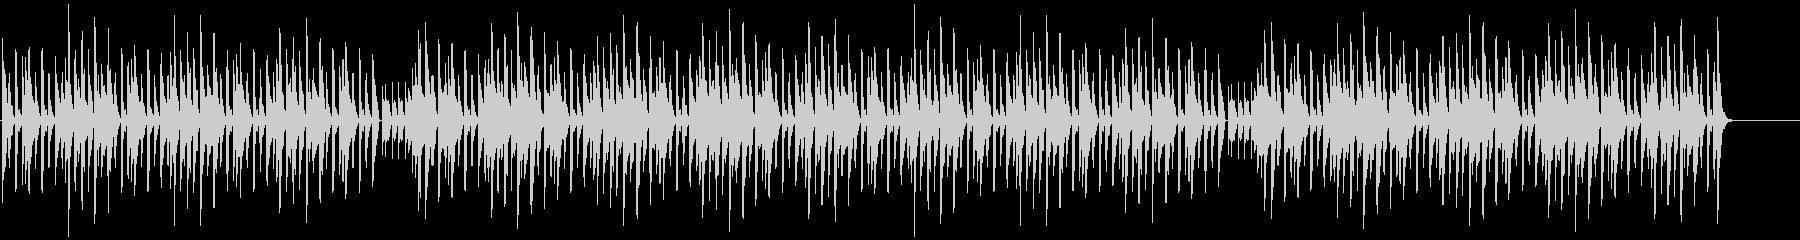 グルービーなリズムのシンプルなリフの未再生の波形